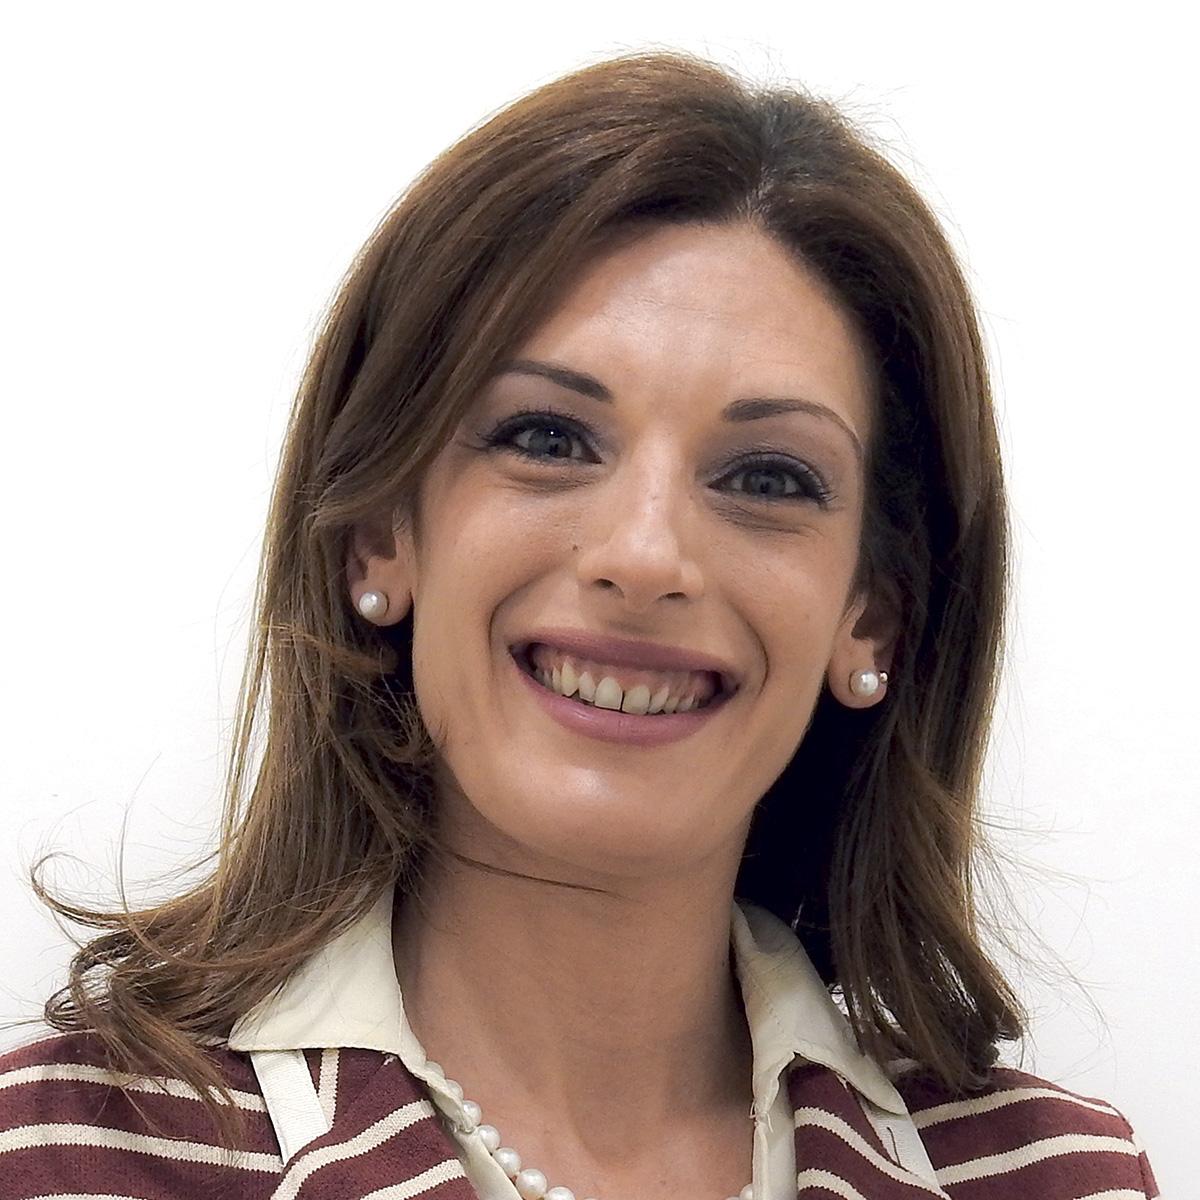 Anna Quercetti